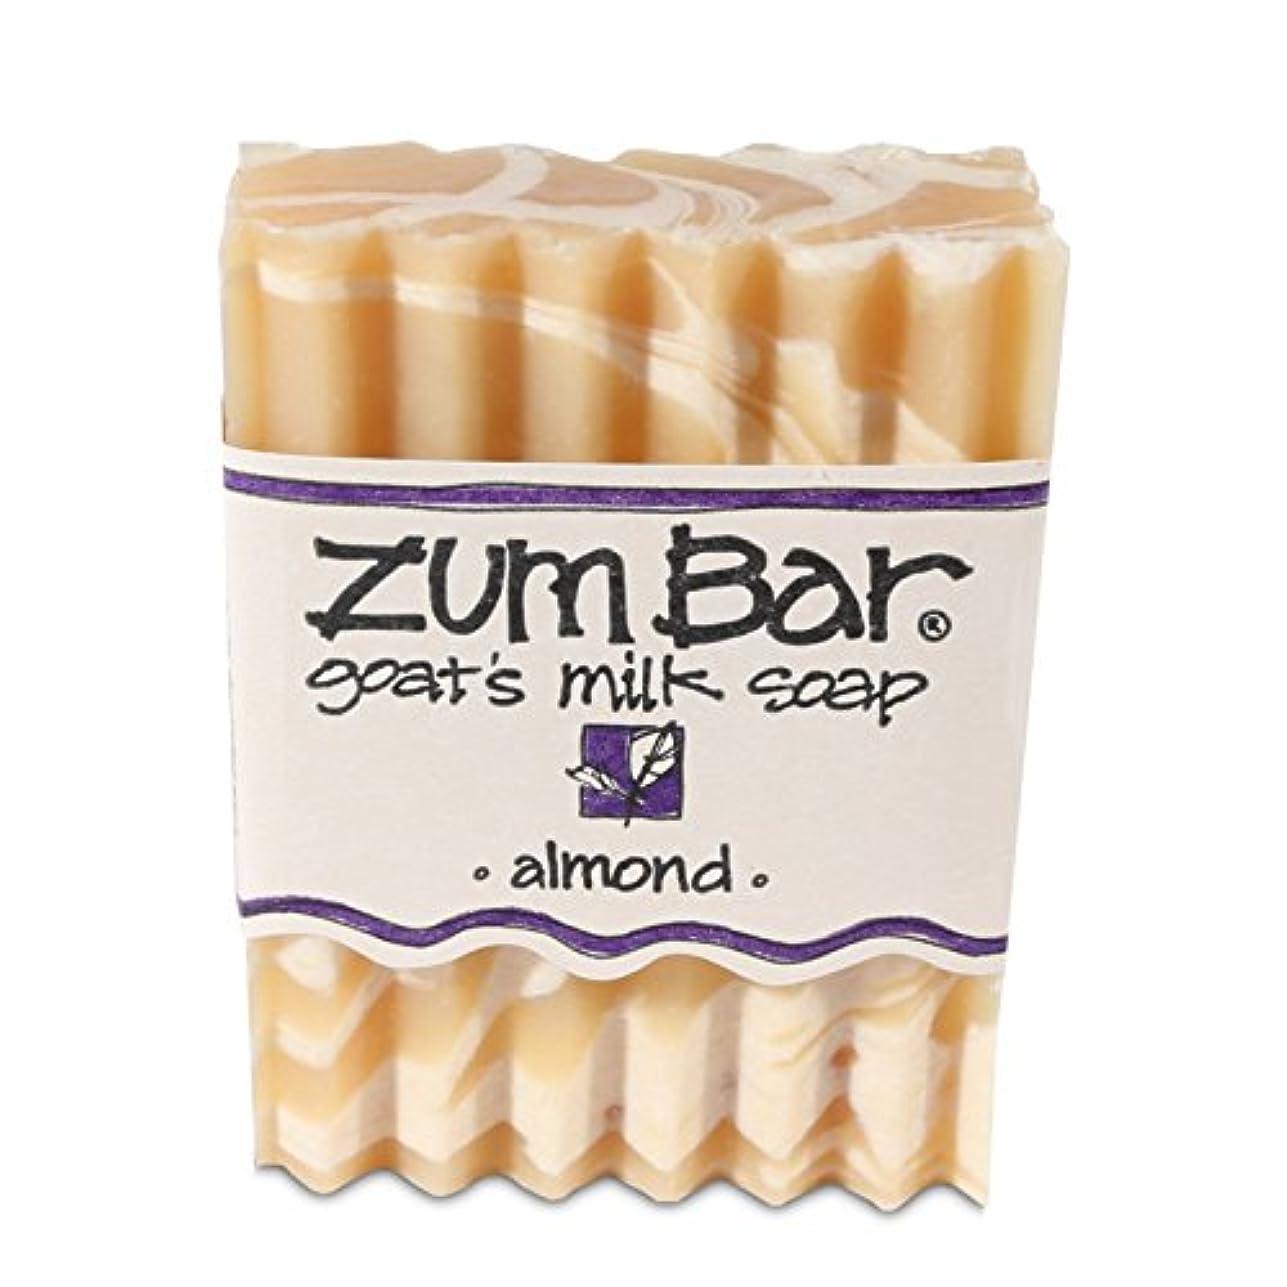 悲しいペナルティ抑制海外直送品 Indigo Wild, Zum Bar, Goat's ミルク ソープ アーモンド , 3 Ounces (2個セット) (Almond) [並行輸入品]